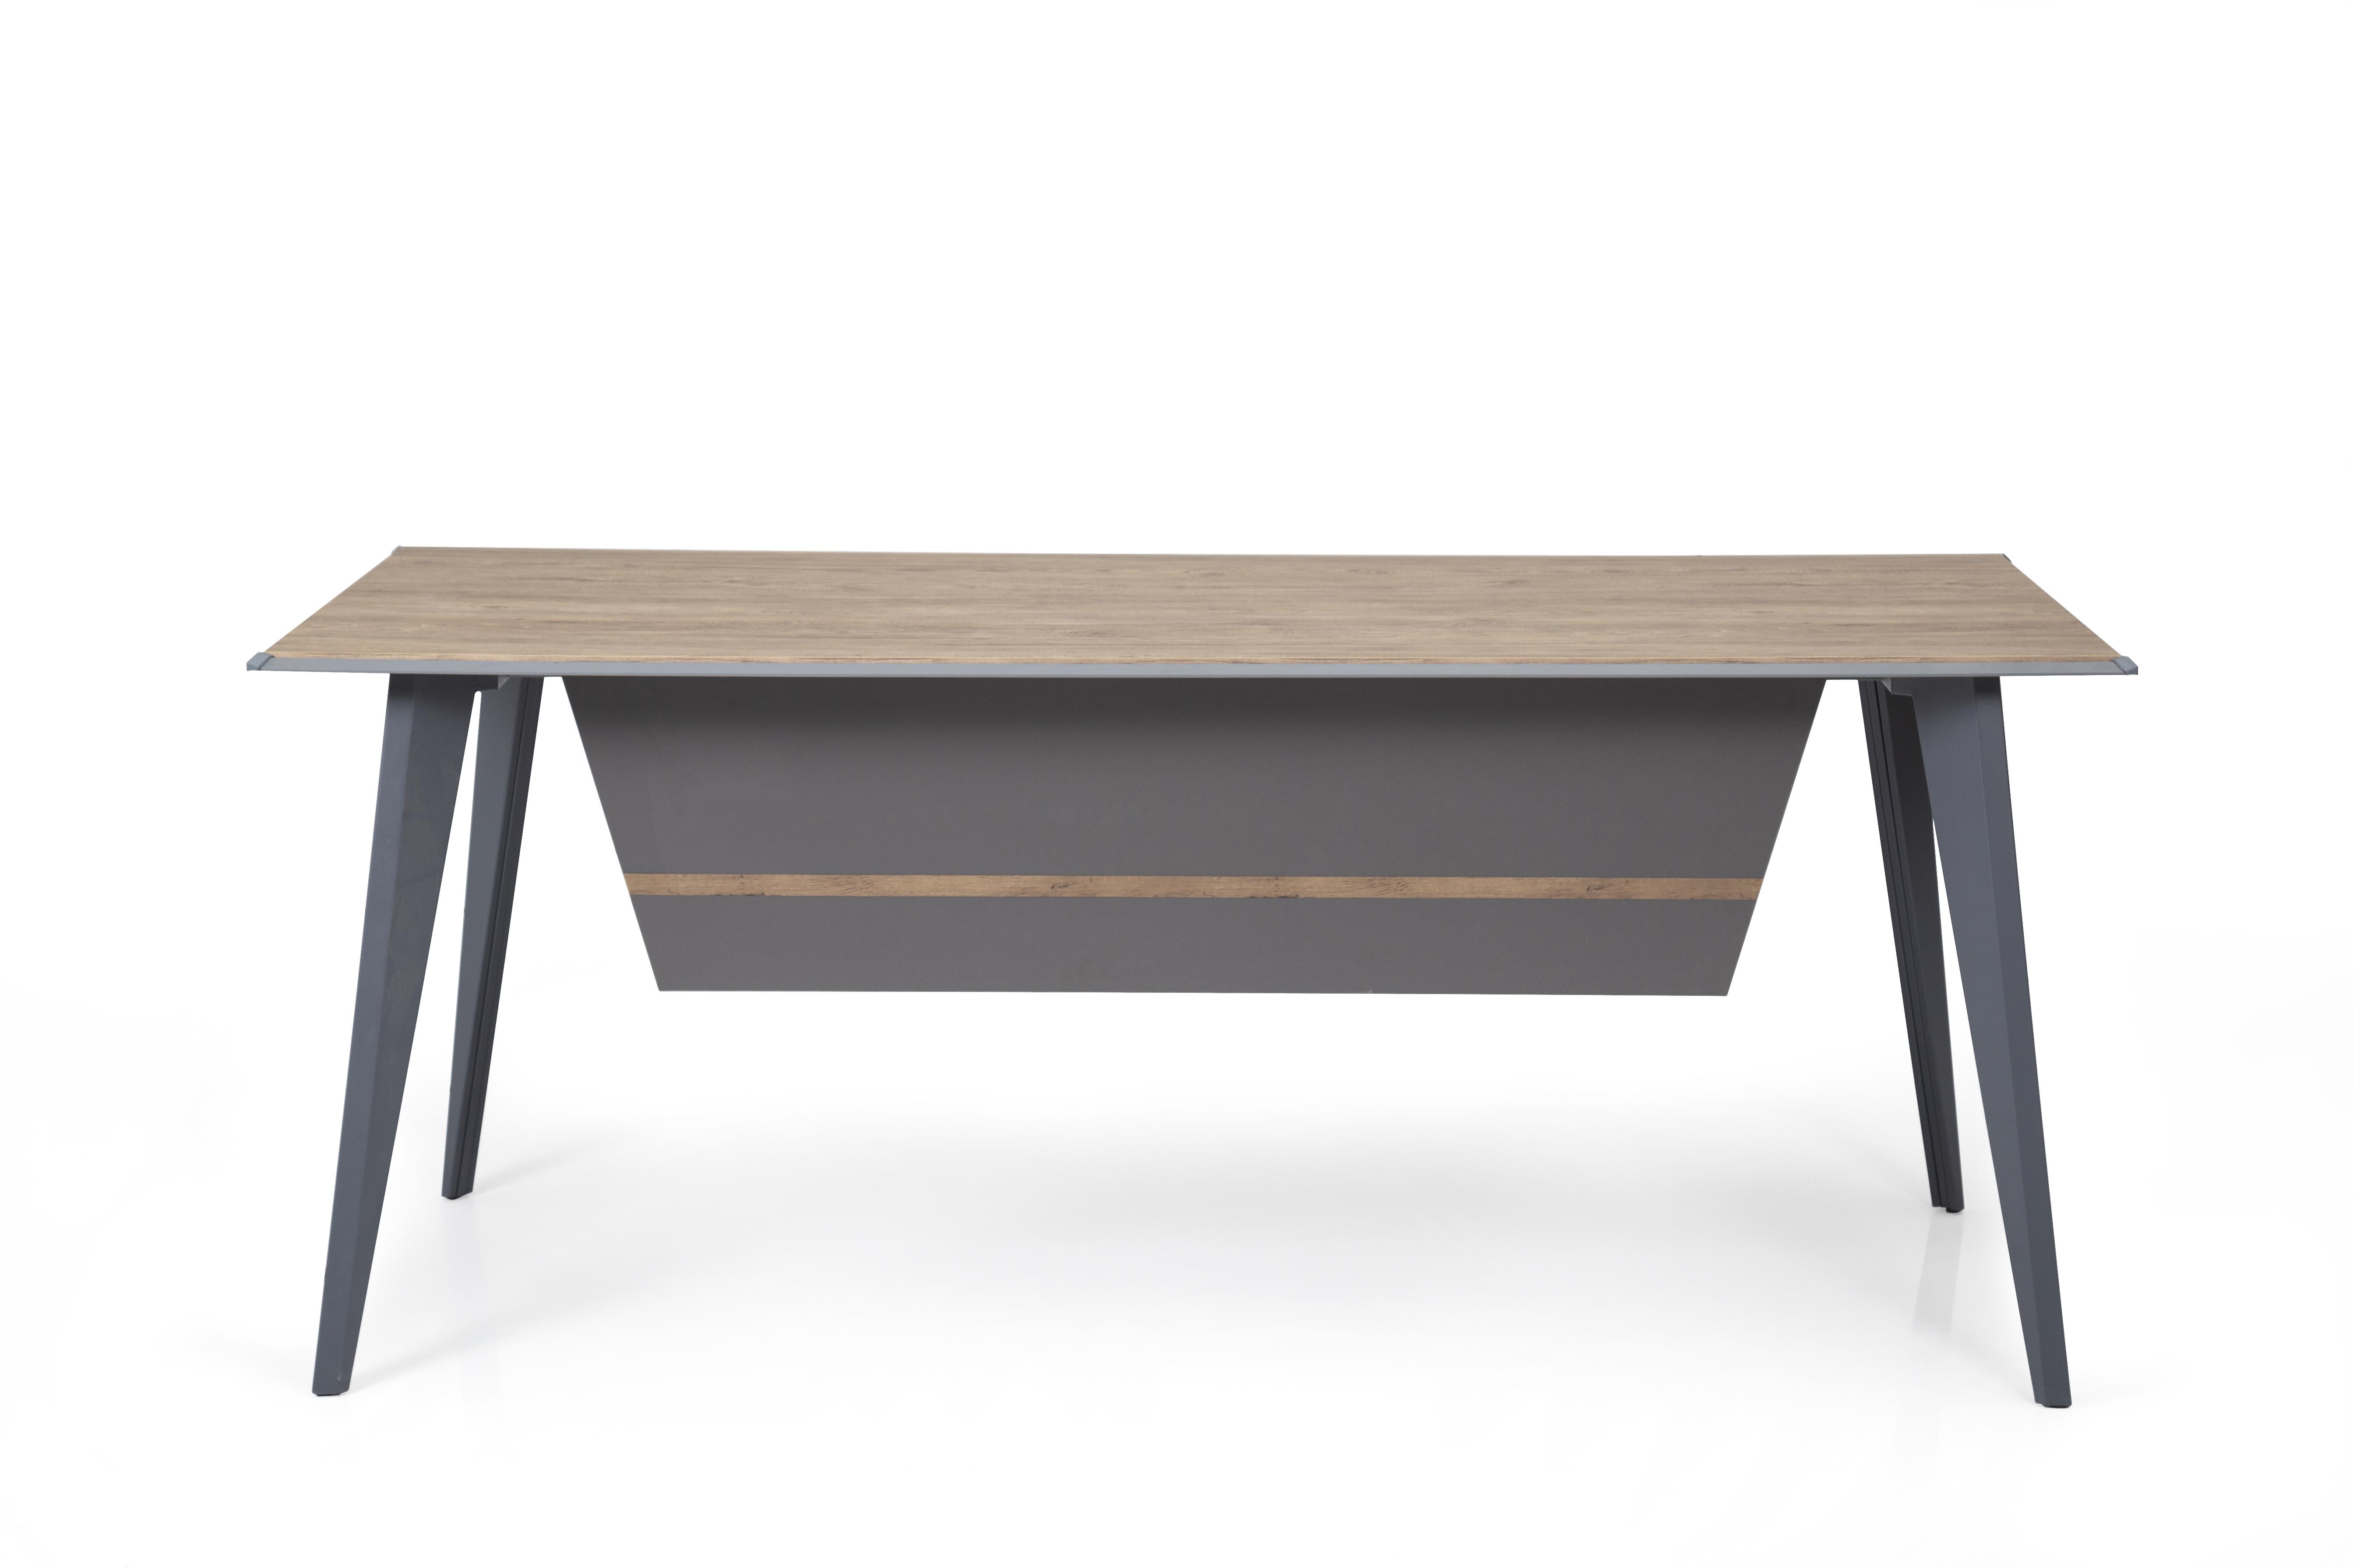 Ovali Schreibtisch 4-beinig Eco Holzoptik 140x80x75 cm